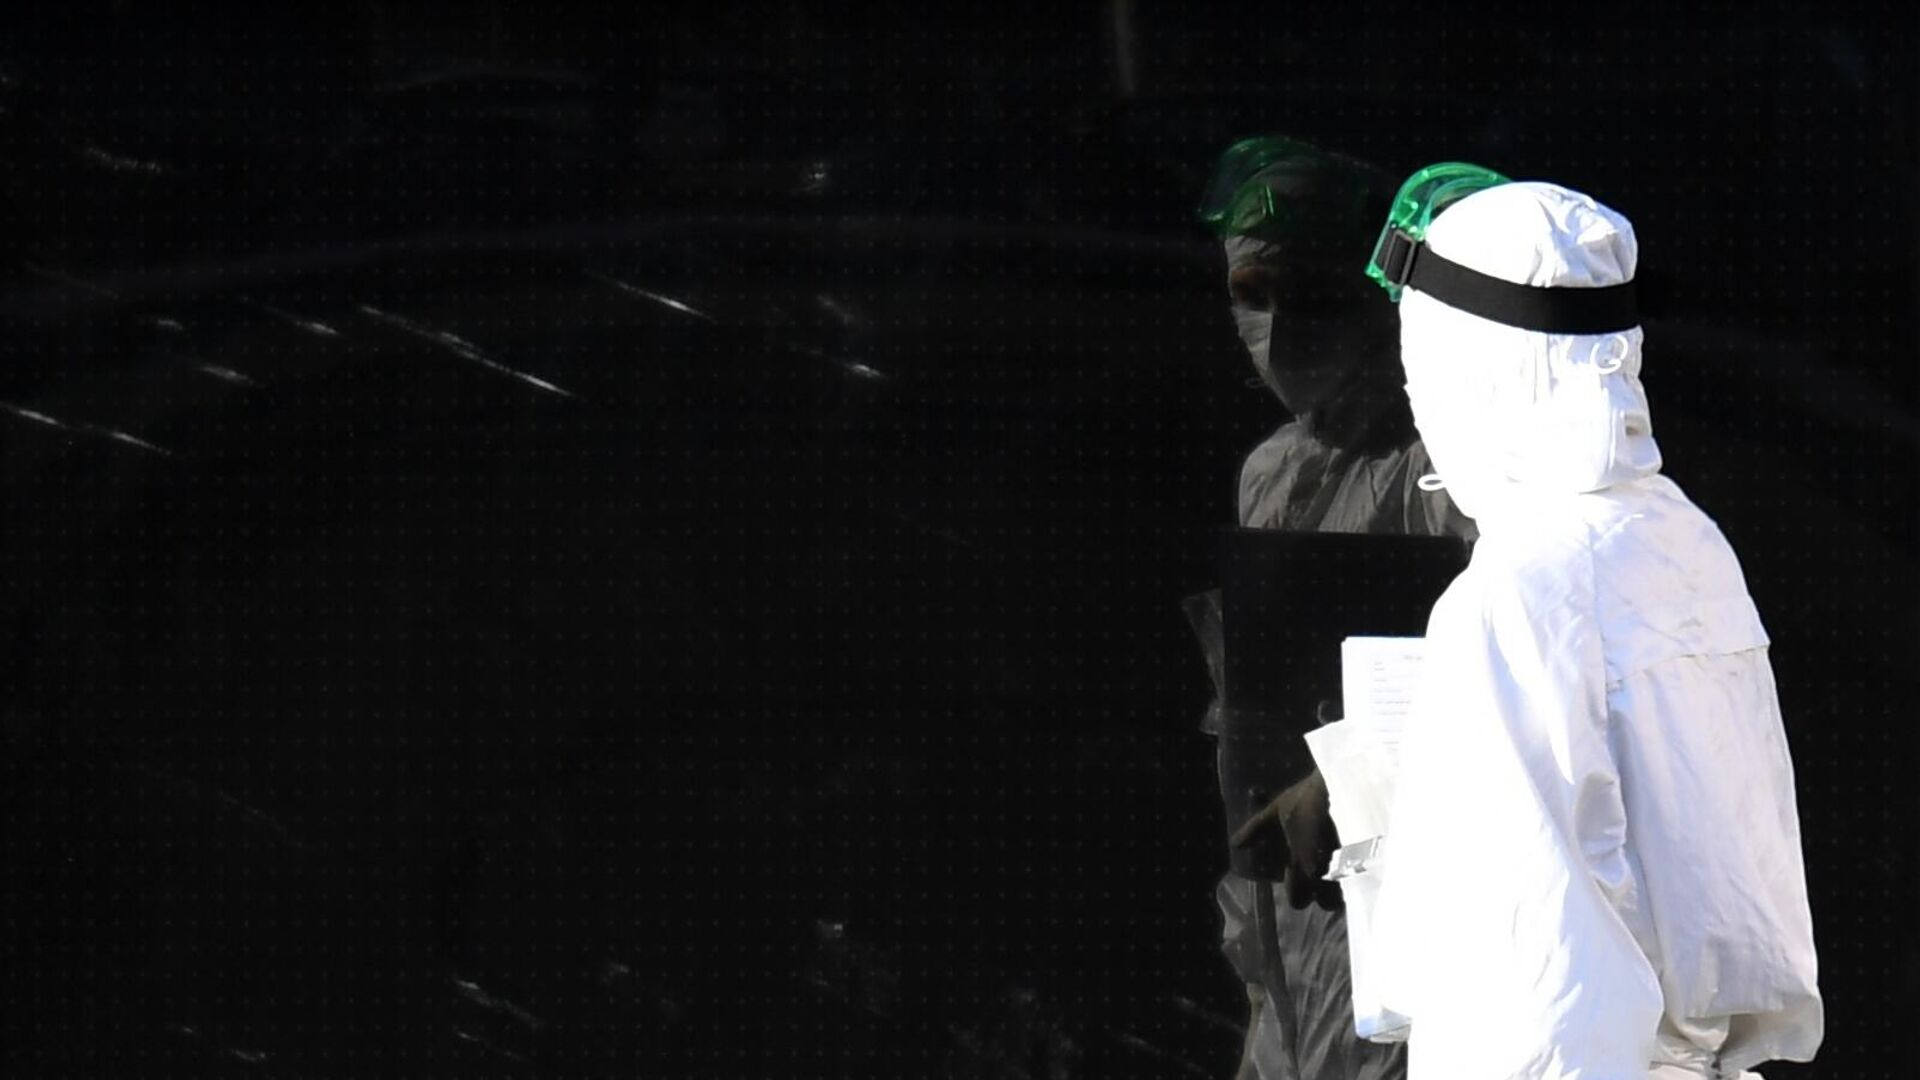 Медицинский работник на территории Республиканской клинической инфекционной больницы в Казани - РИА Новости, 1920, 22.11.2020